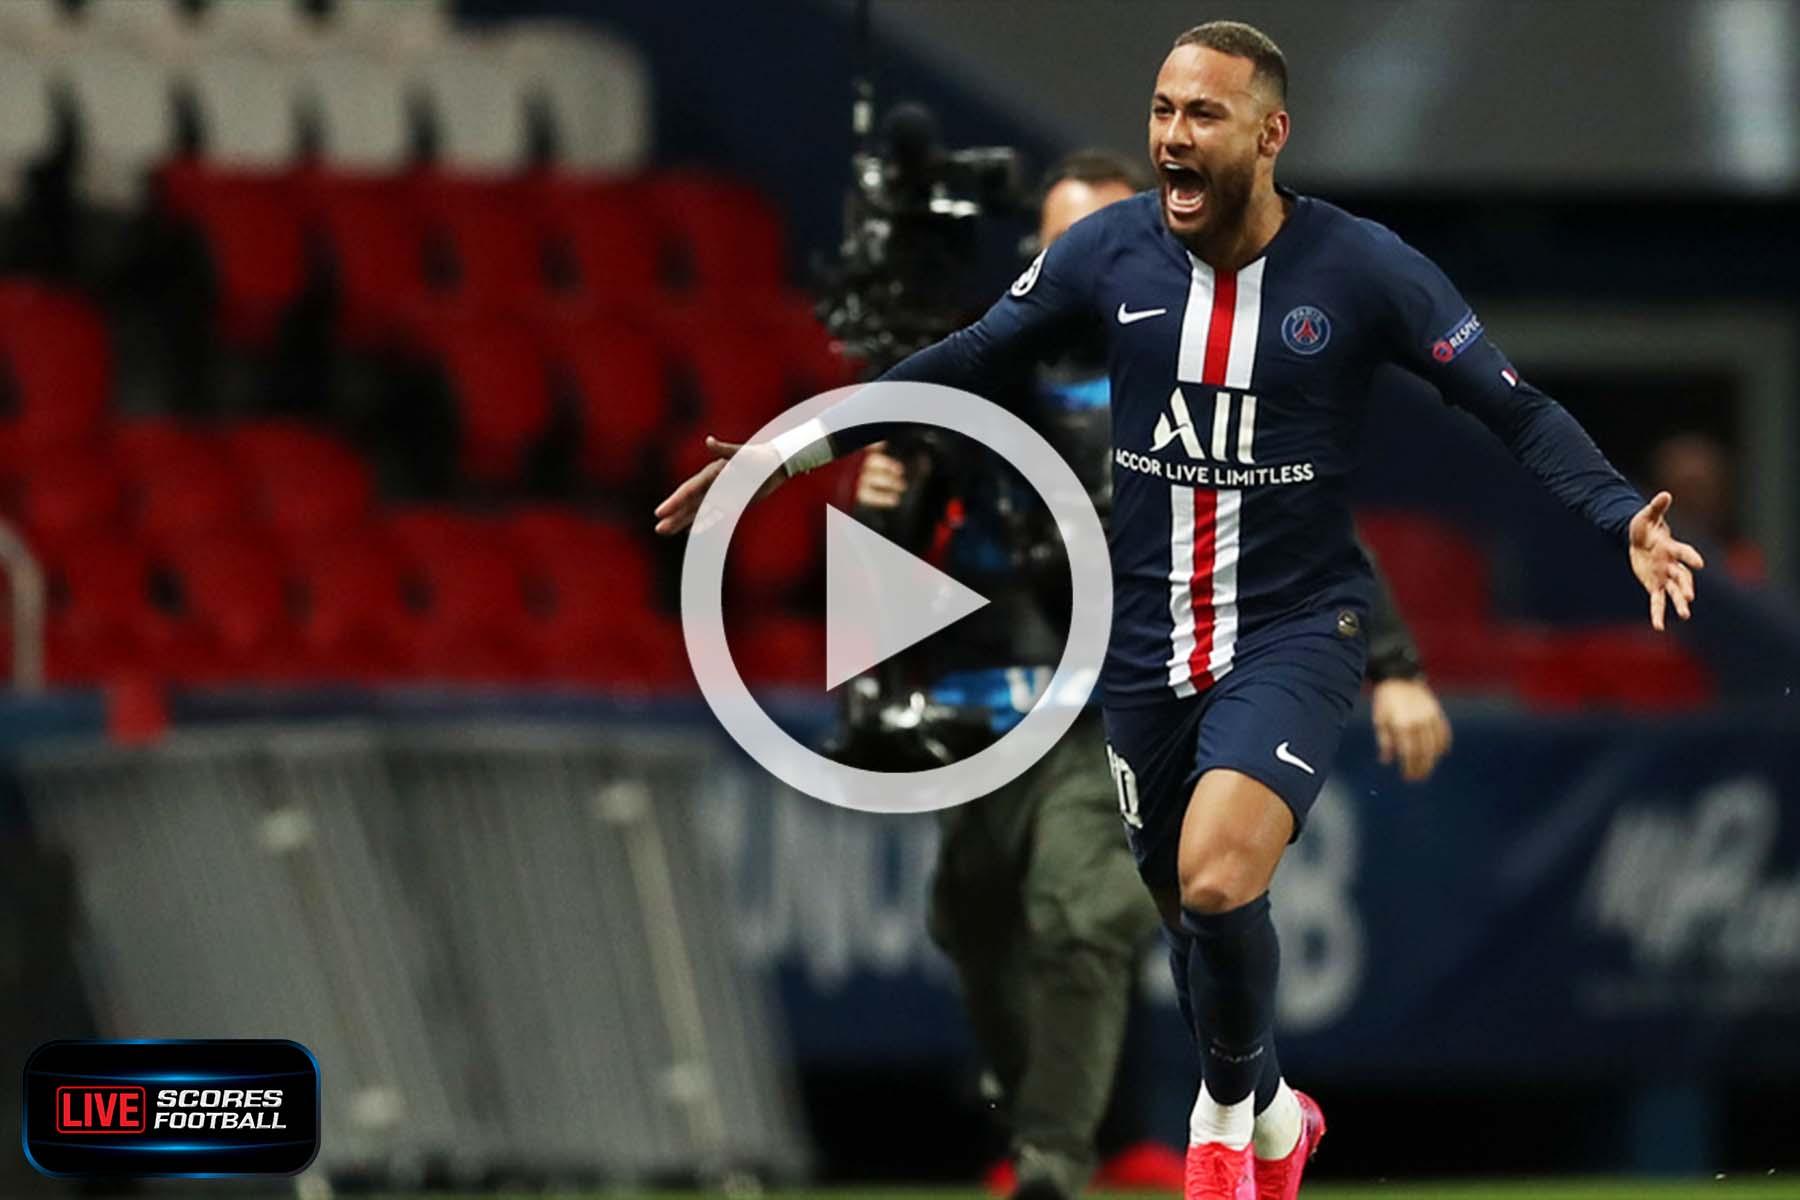 ไฮไลท์ UCL 2019-20  ปารีส แซงต์ แชร์กแมง 2-0 โบรุสเซีย ดอร์ทมุนด์   นัดที่2 รอบ 16 ทีม 11-3-2020